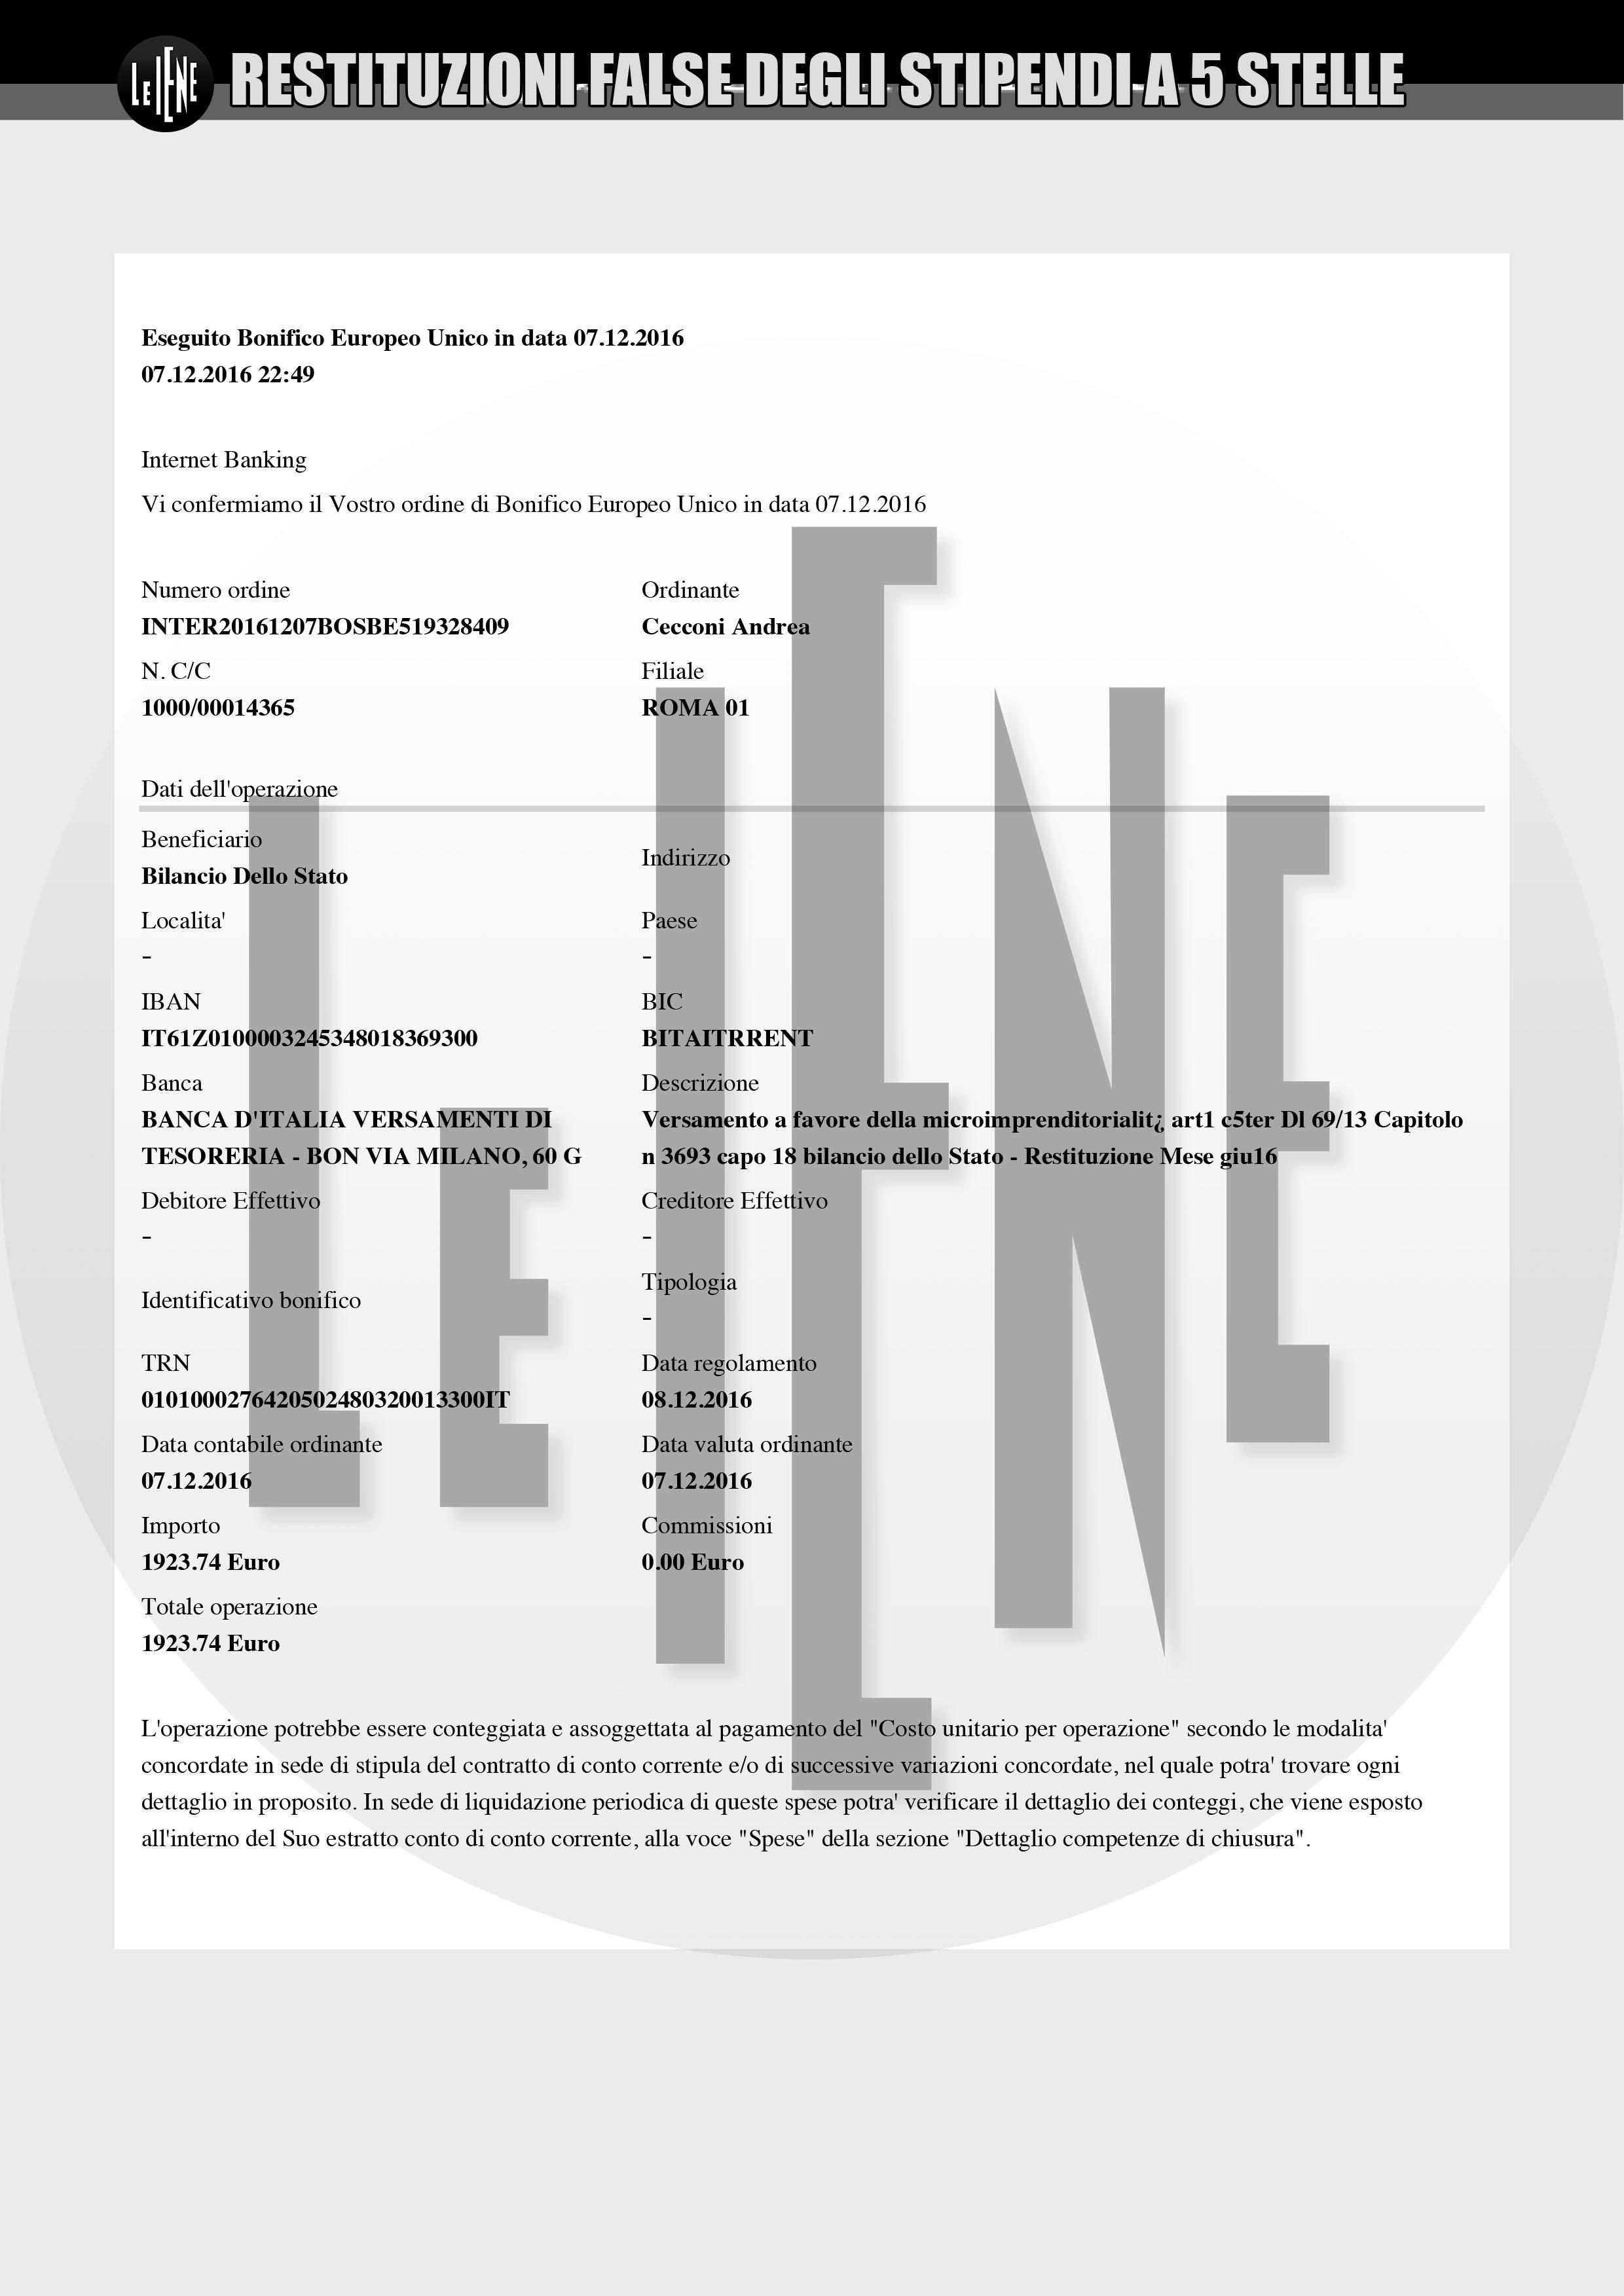 """I bonifici """"incriminati"""" dei parlamentari M5S Andrea Cecconi e Carlo Martelli"""